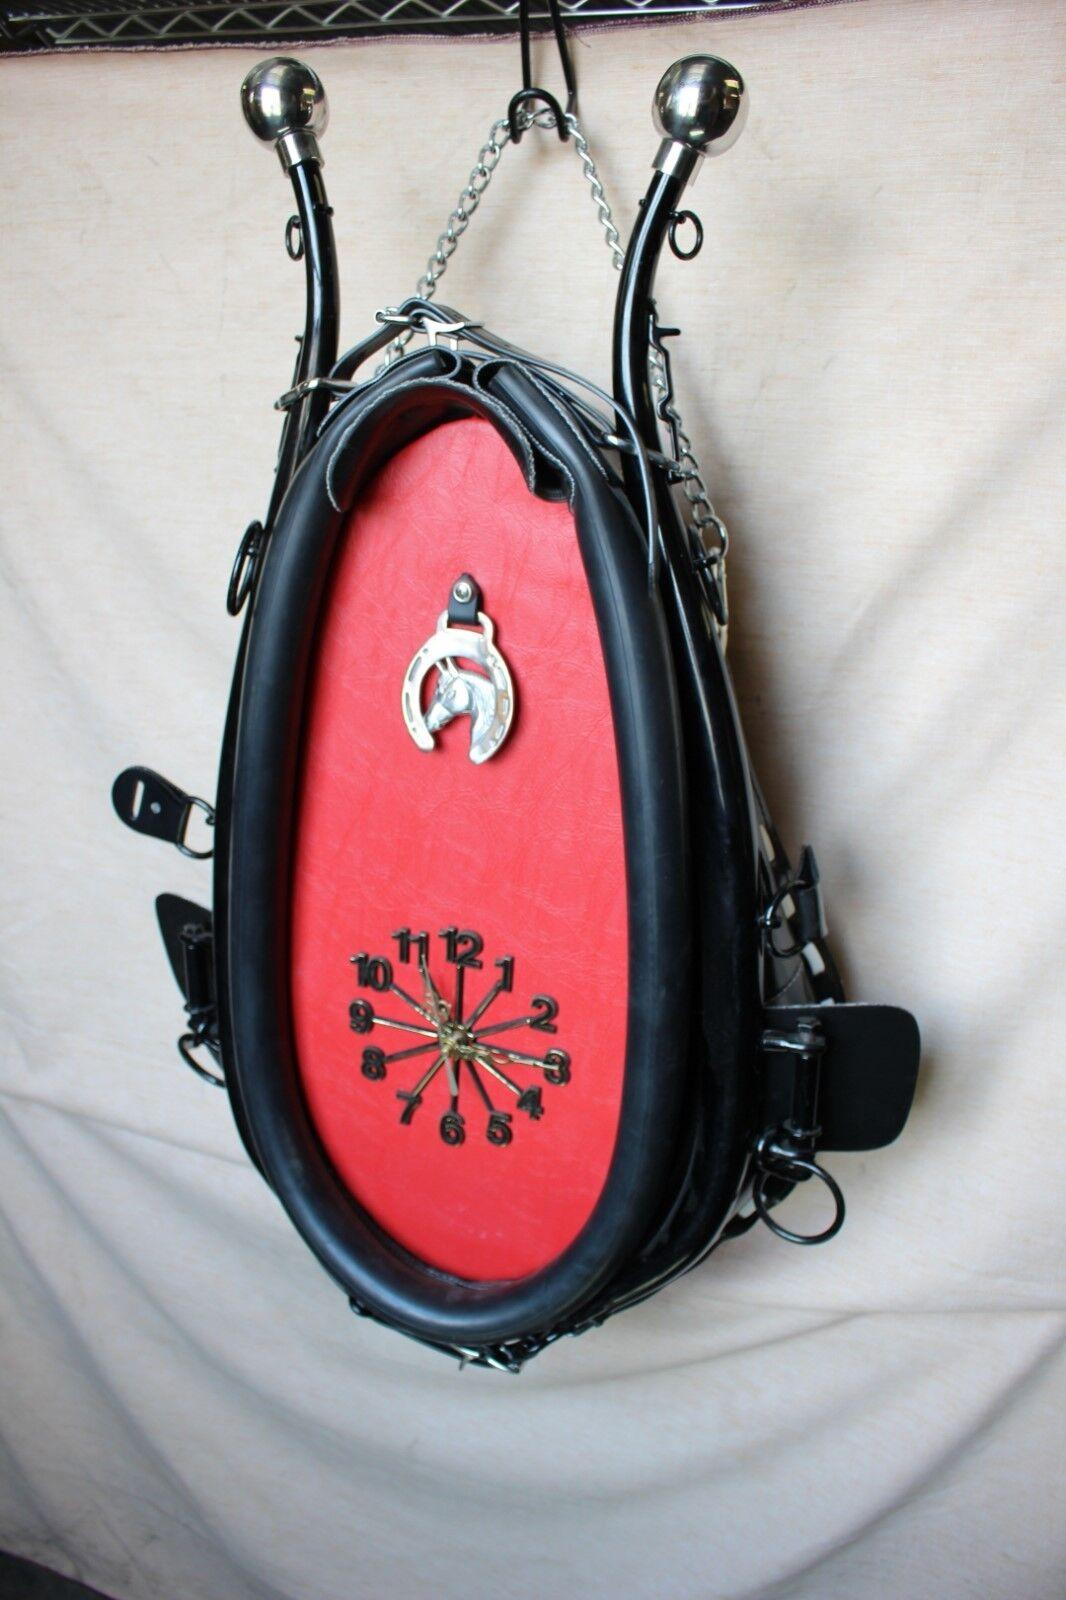 35-23 Nuevo Reloj Collar de caballo de tiro con el software y fondo rojo